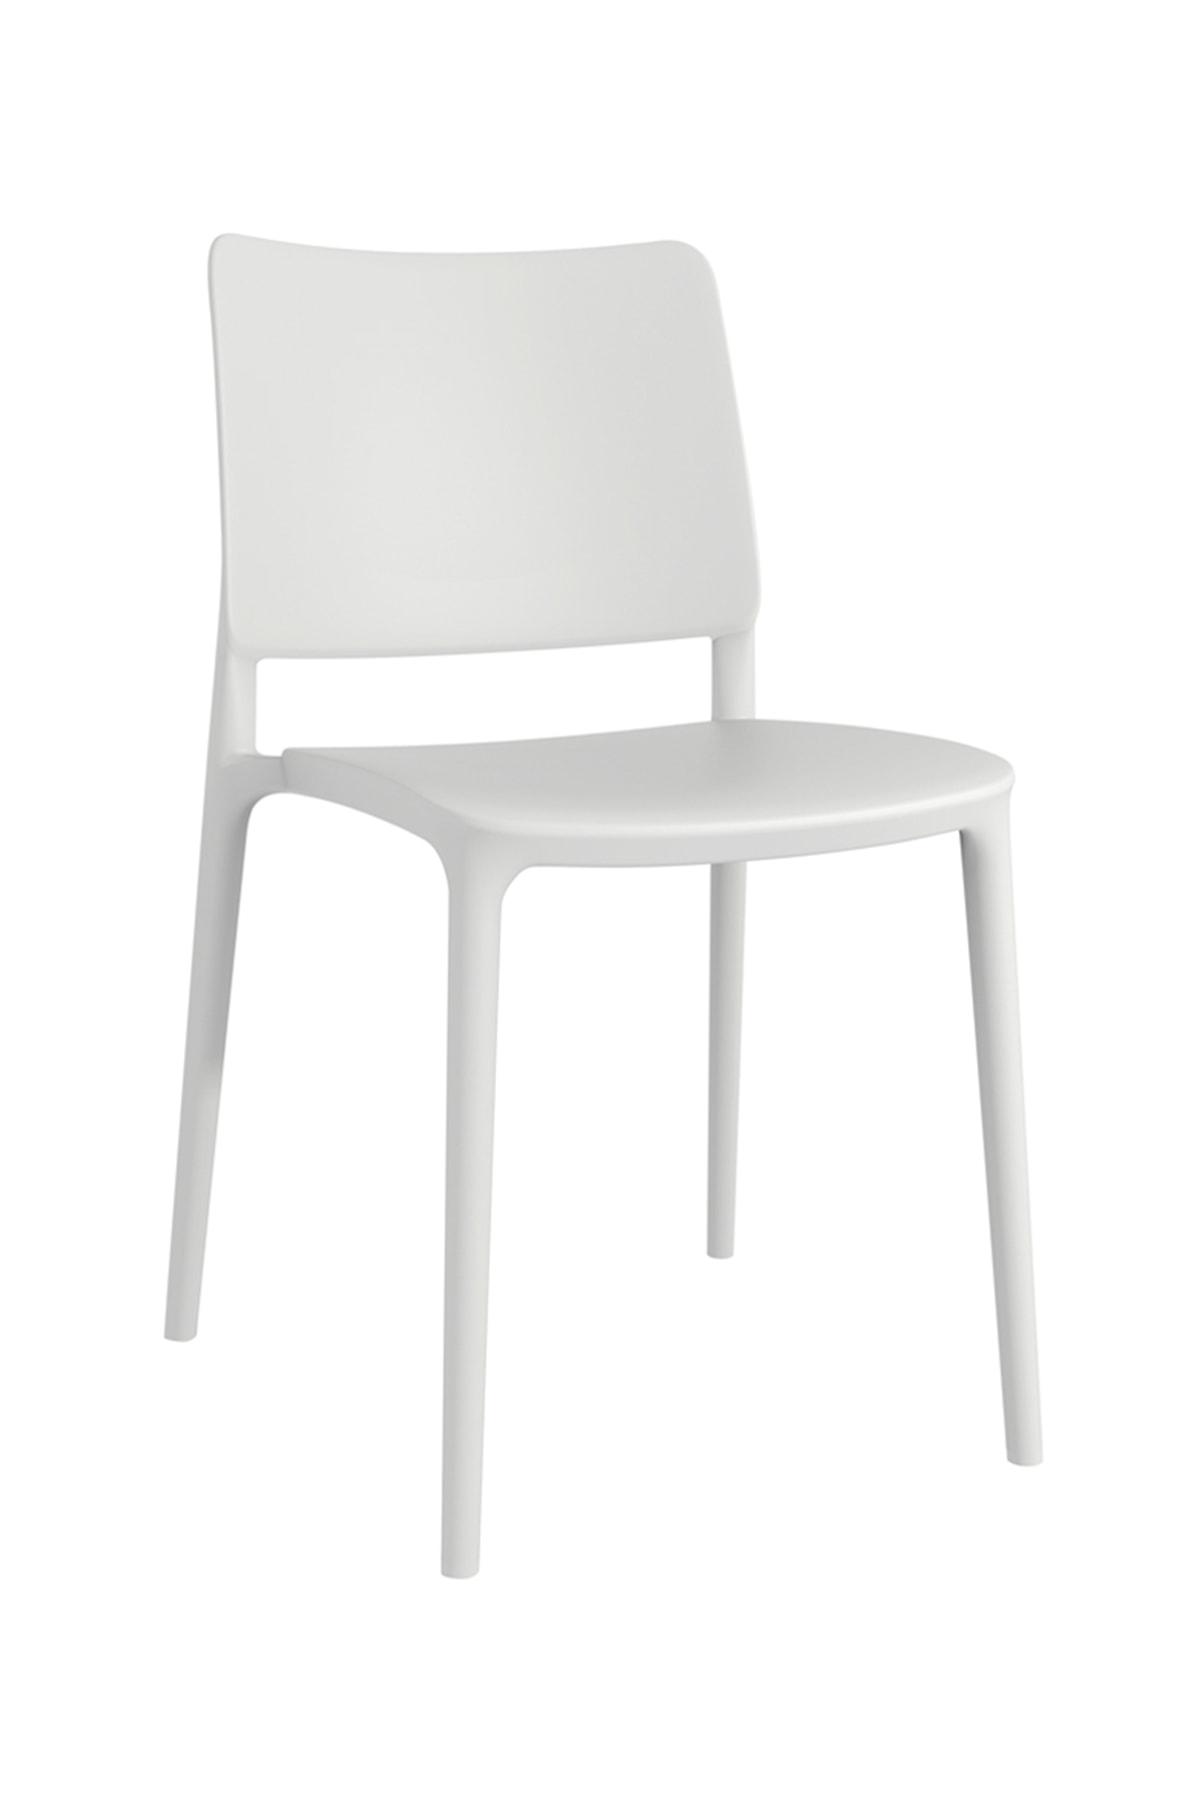 Papatya Joy Sandalye Beyaz - Mutfak Sandalyesi - Kolçaksız